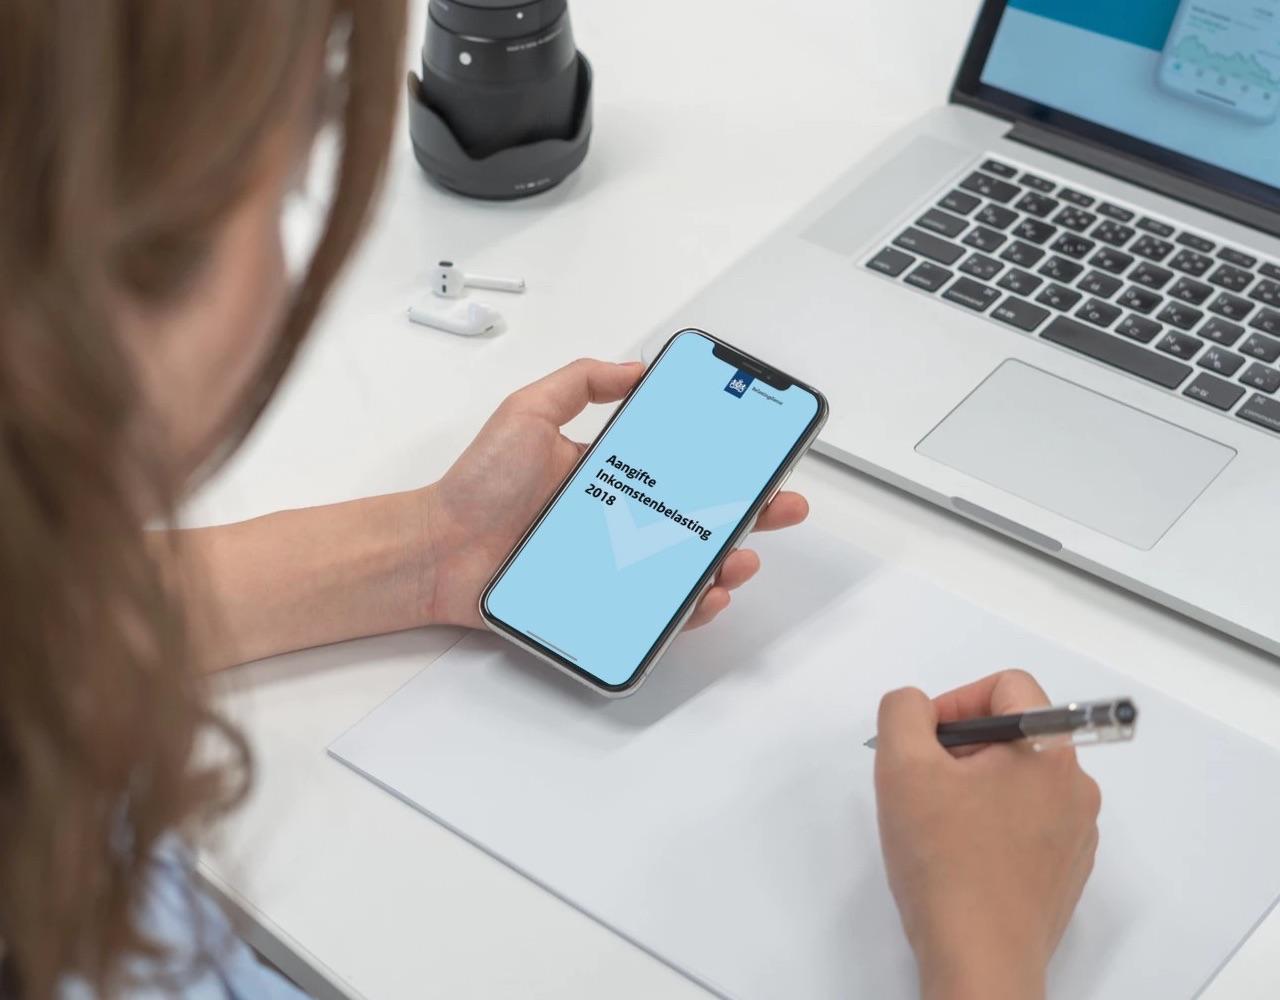 Belastingaangifte 2018 op iPhone.